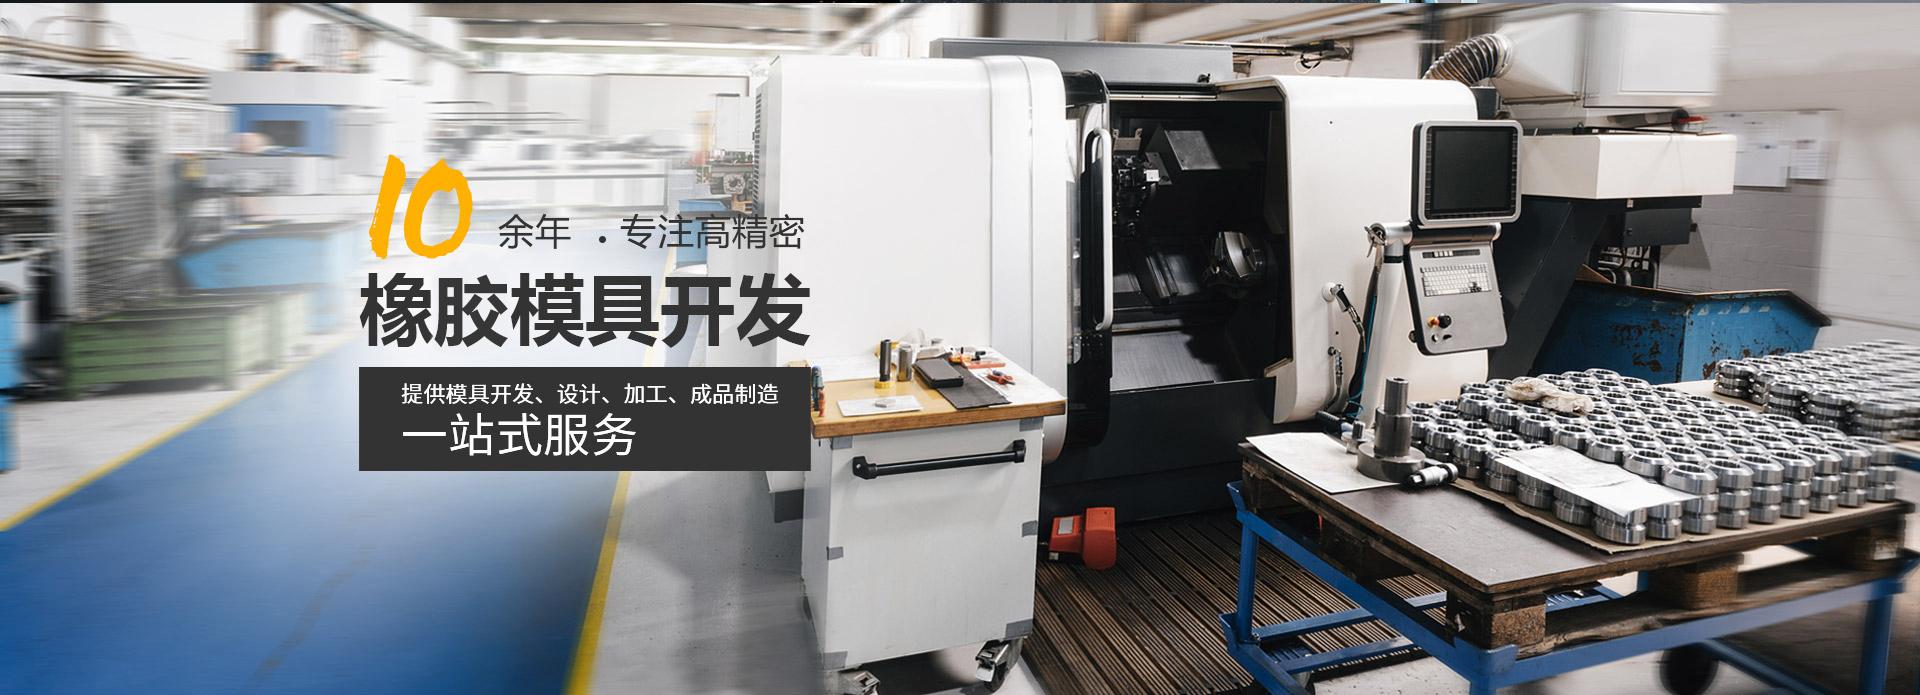 佳诺佳精密-20余年专注高精密橡塑模具开发